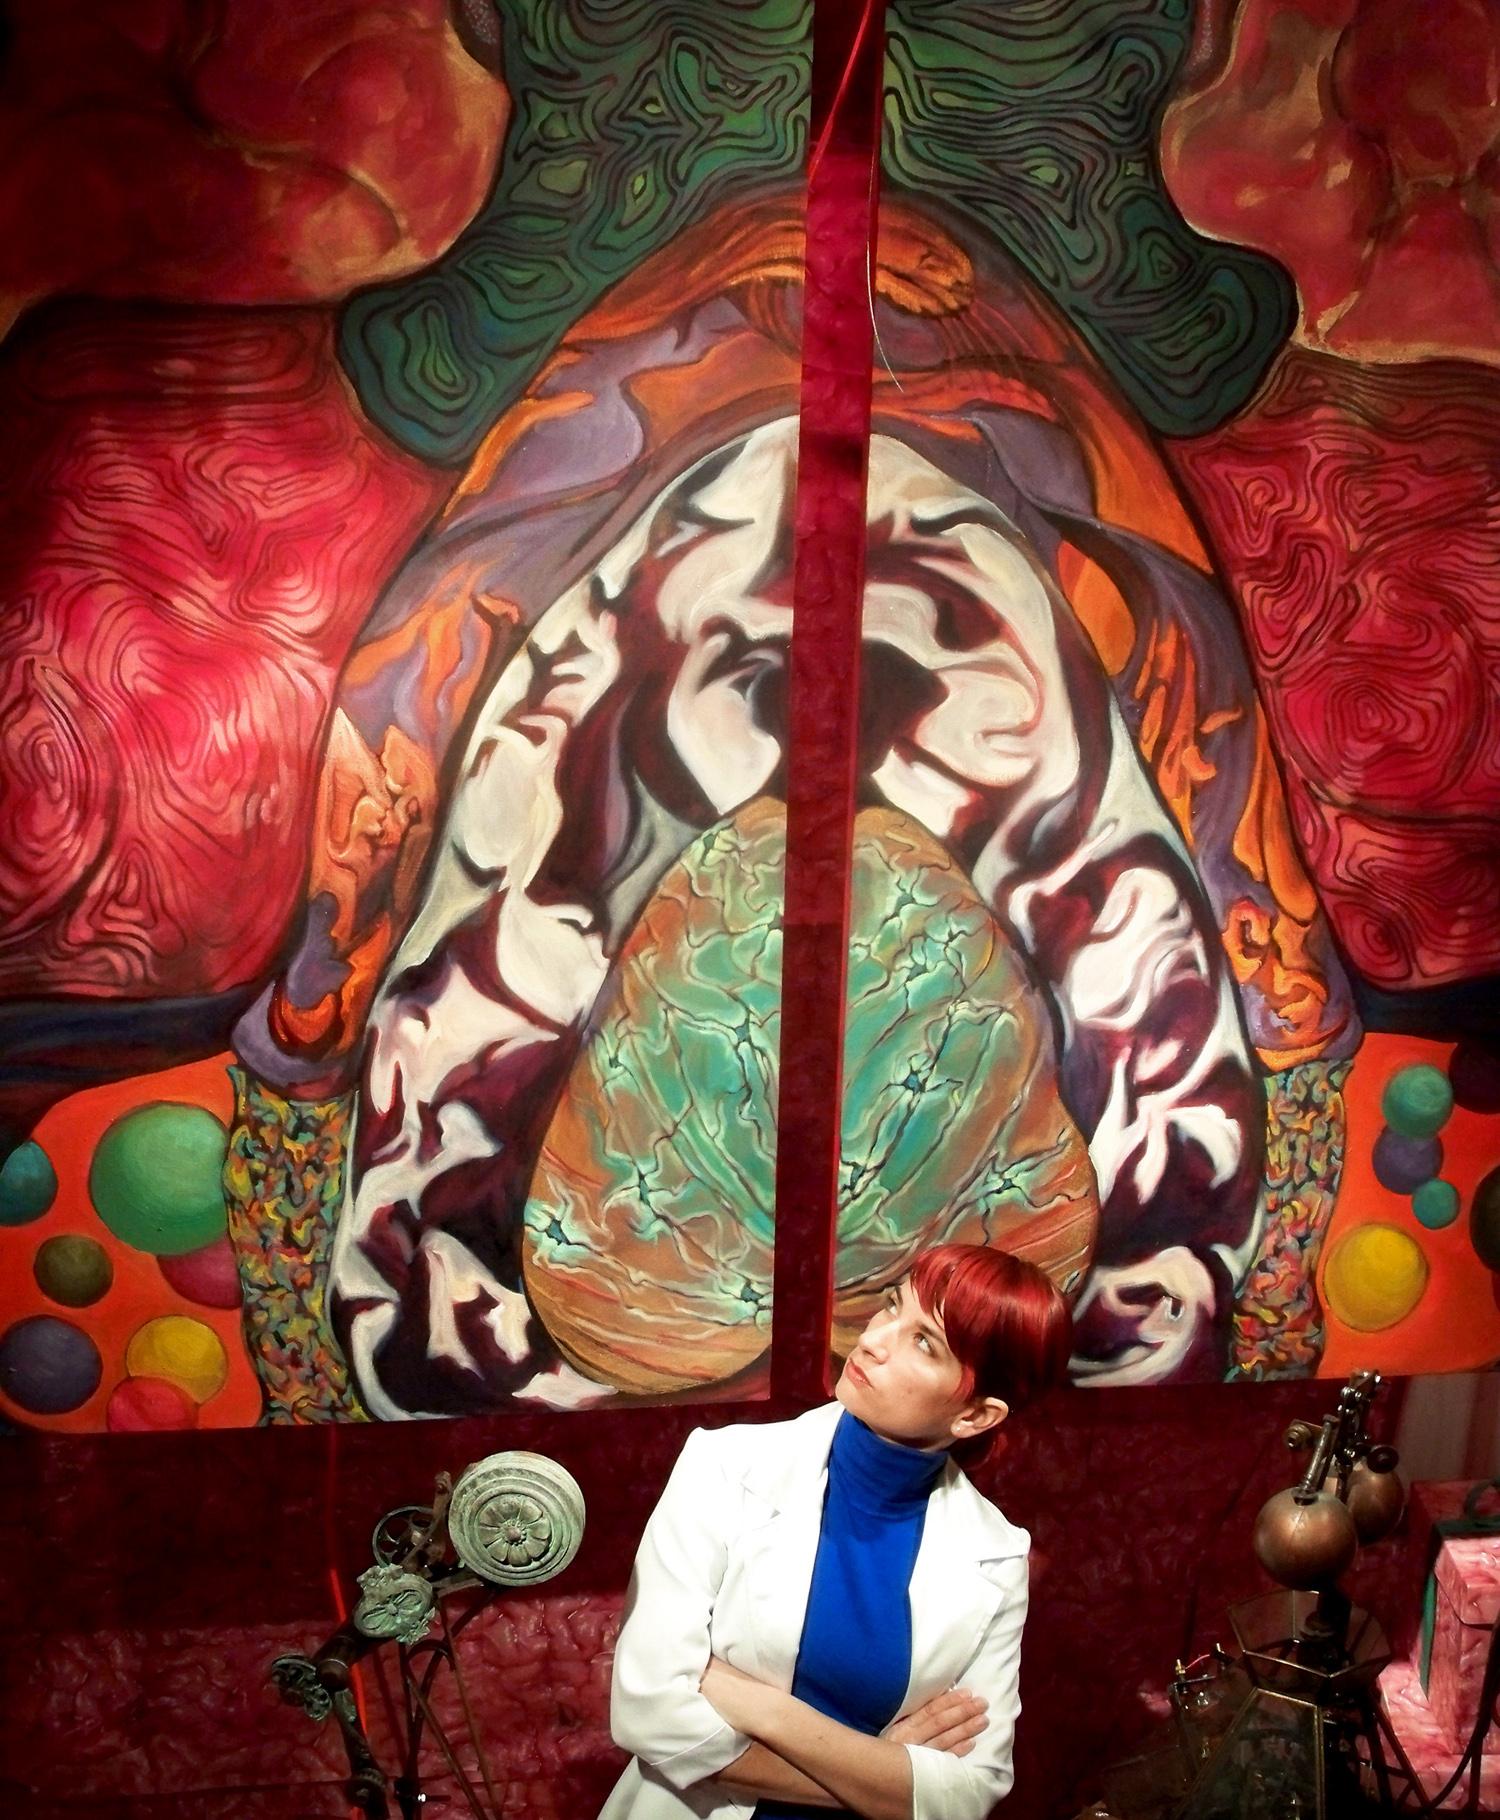 Performer inside installation